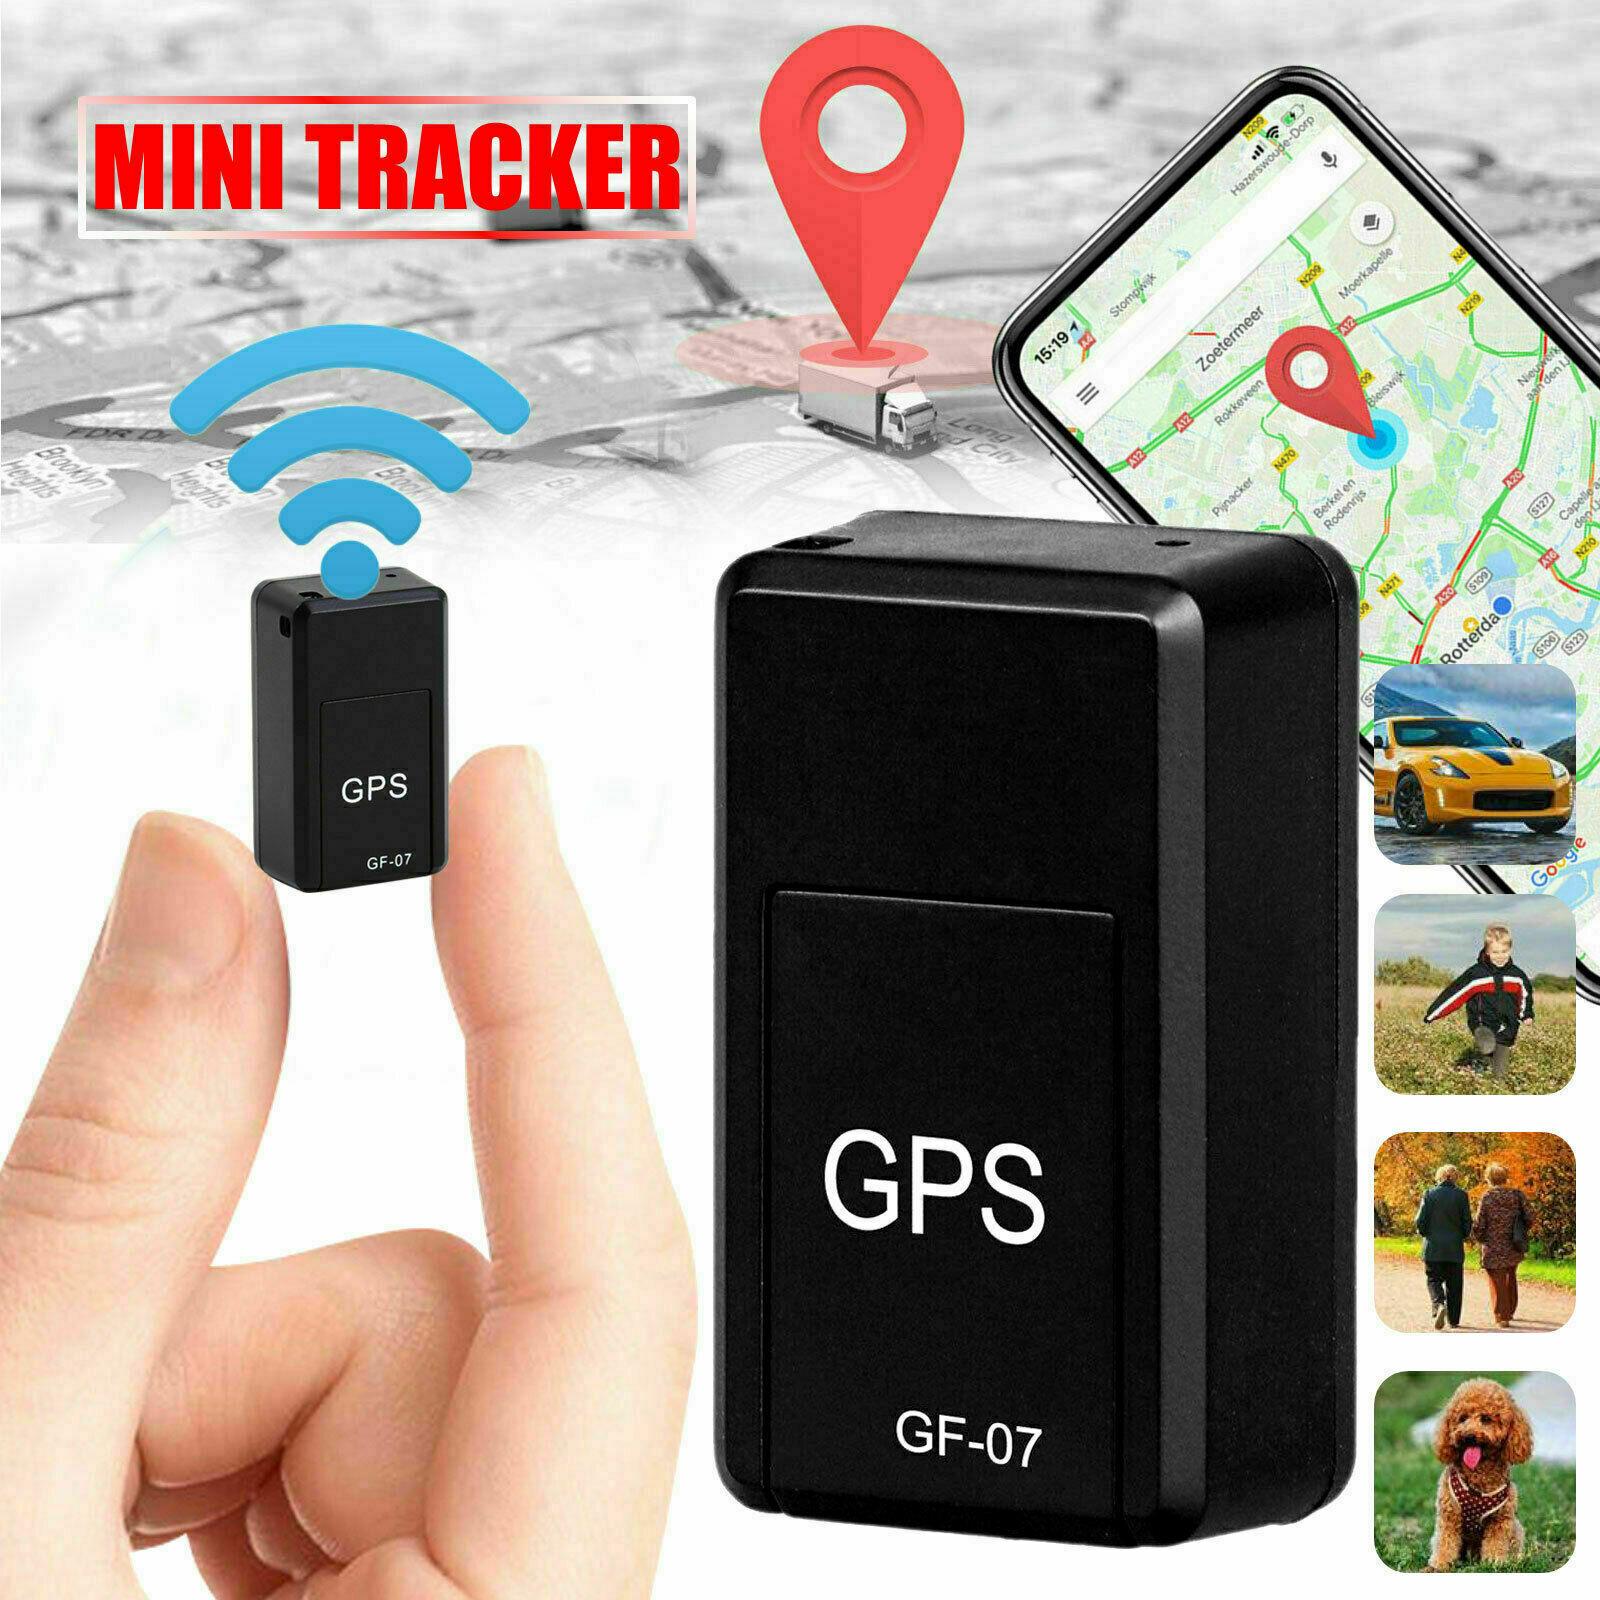 Novo mini gps tracker carro localizador de gps anti roubo rastreador de carro rastreador de gps anti perdido gravação de rastreamento dispositivo de acessórios de automóveis|Rastreadores GPS|   -